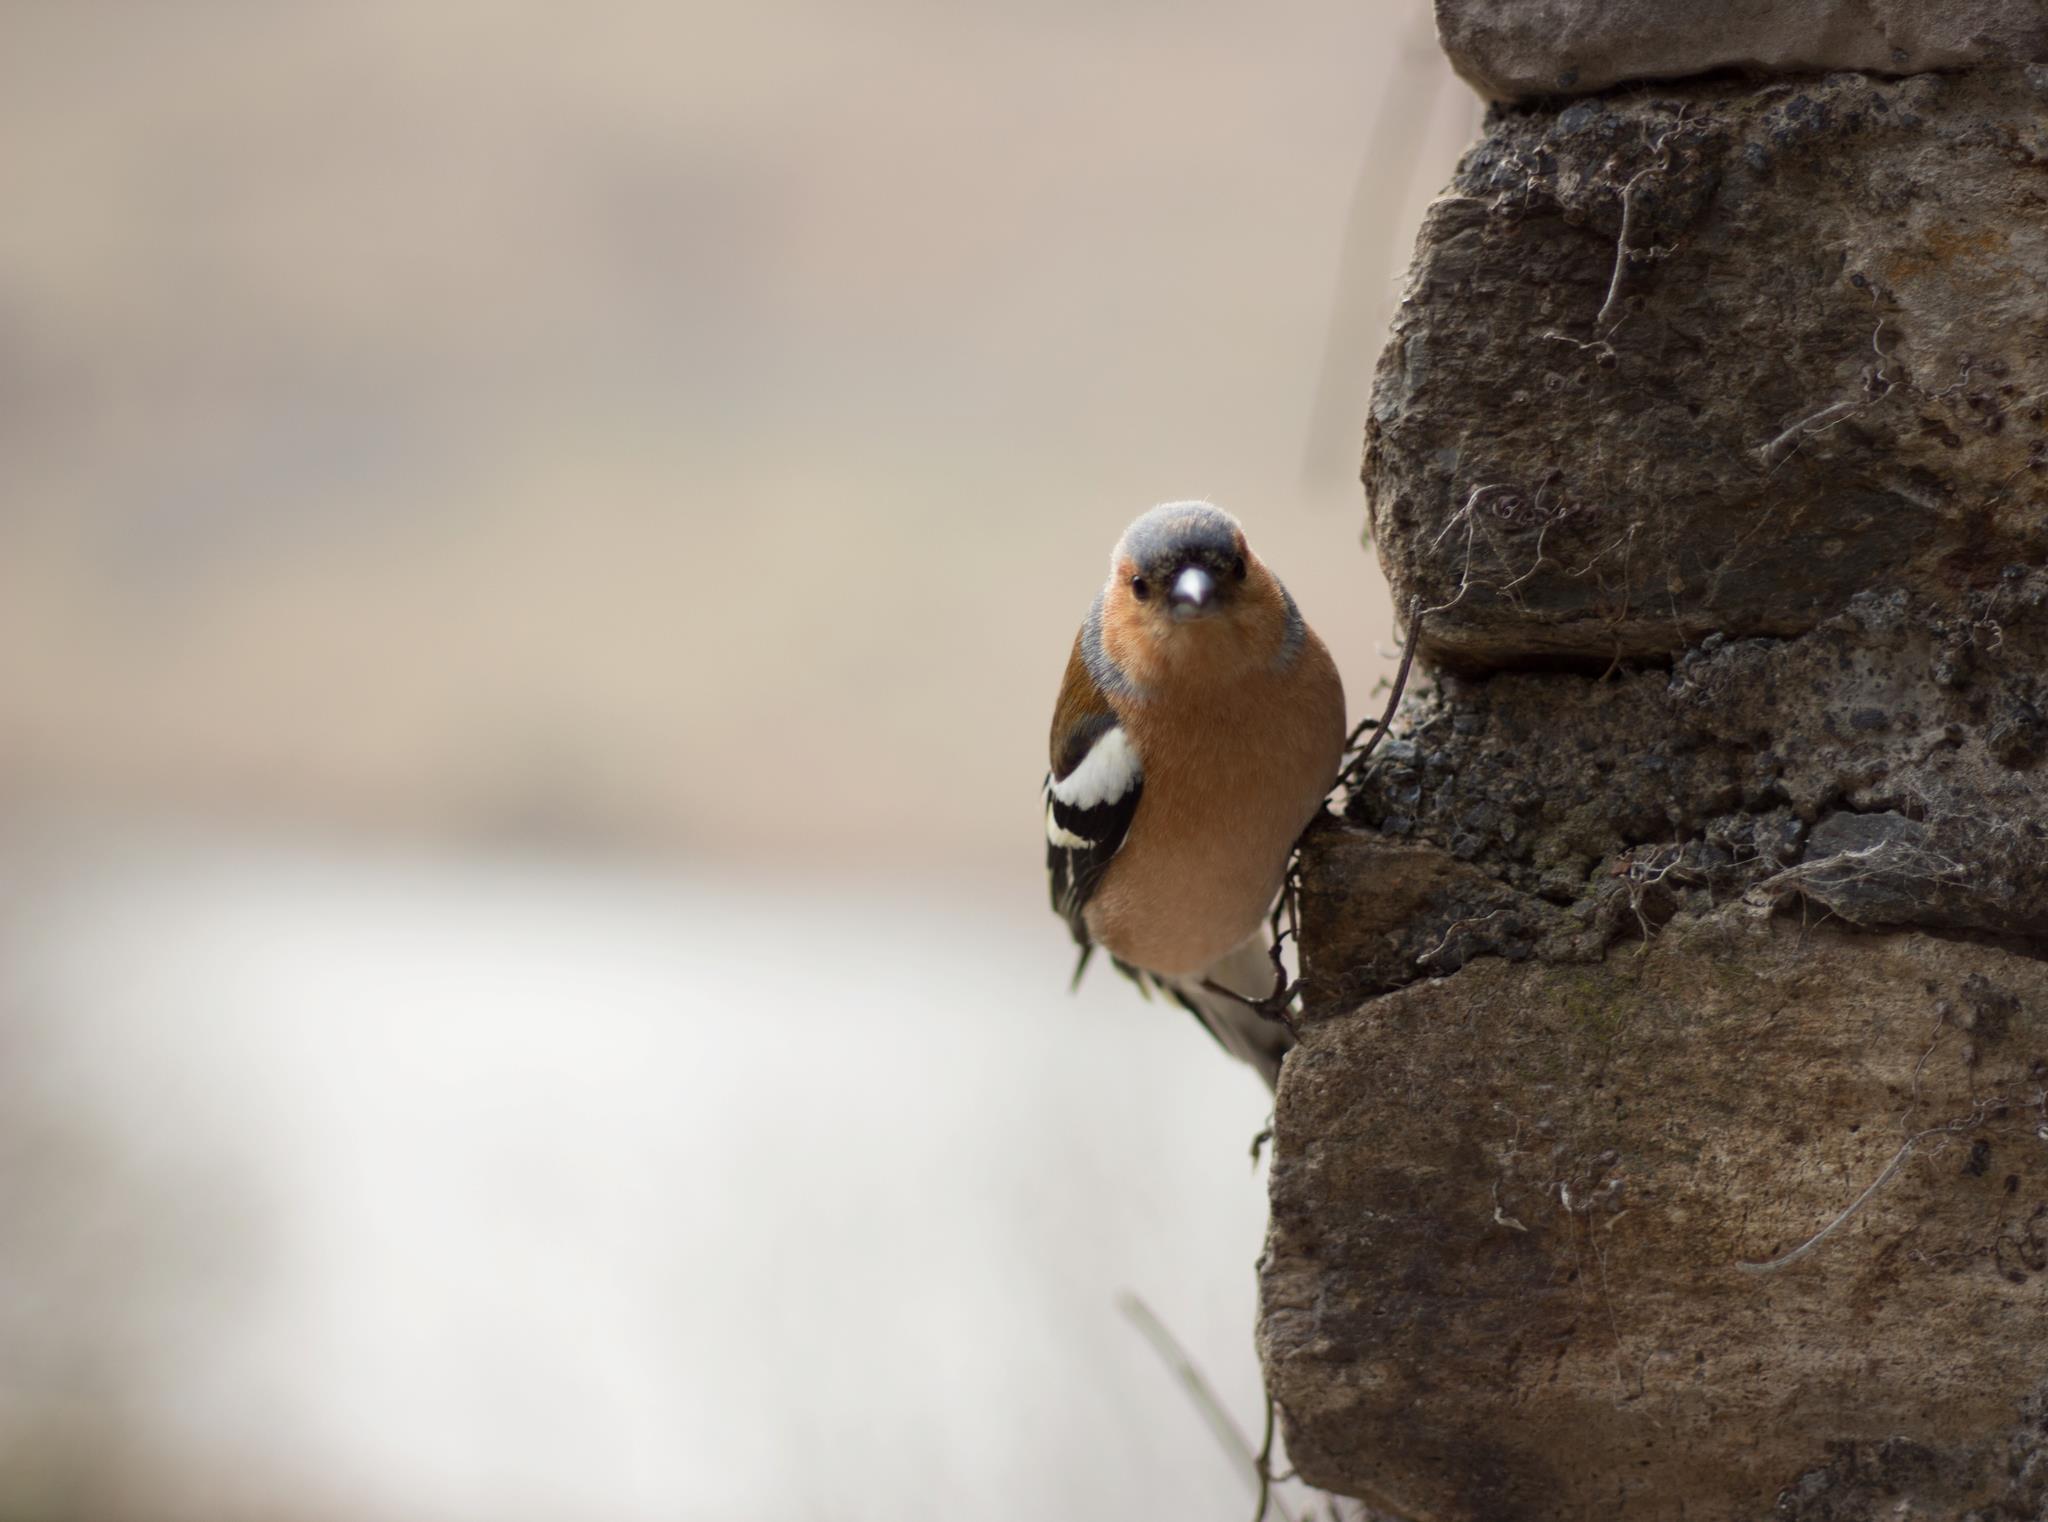 Bird-life in abundance